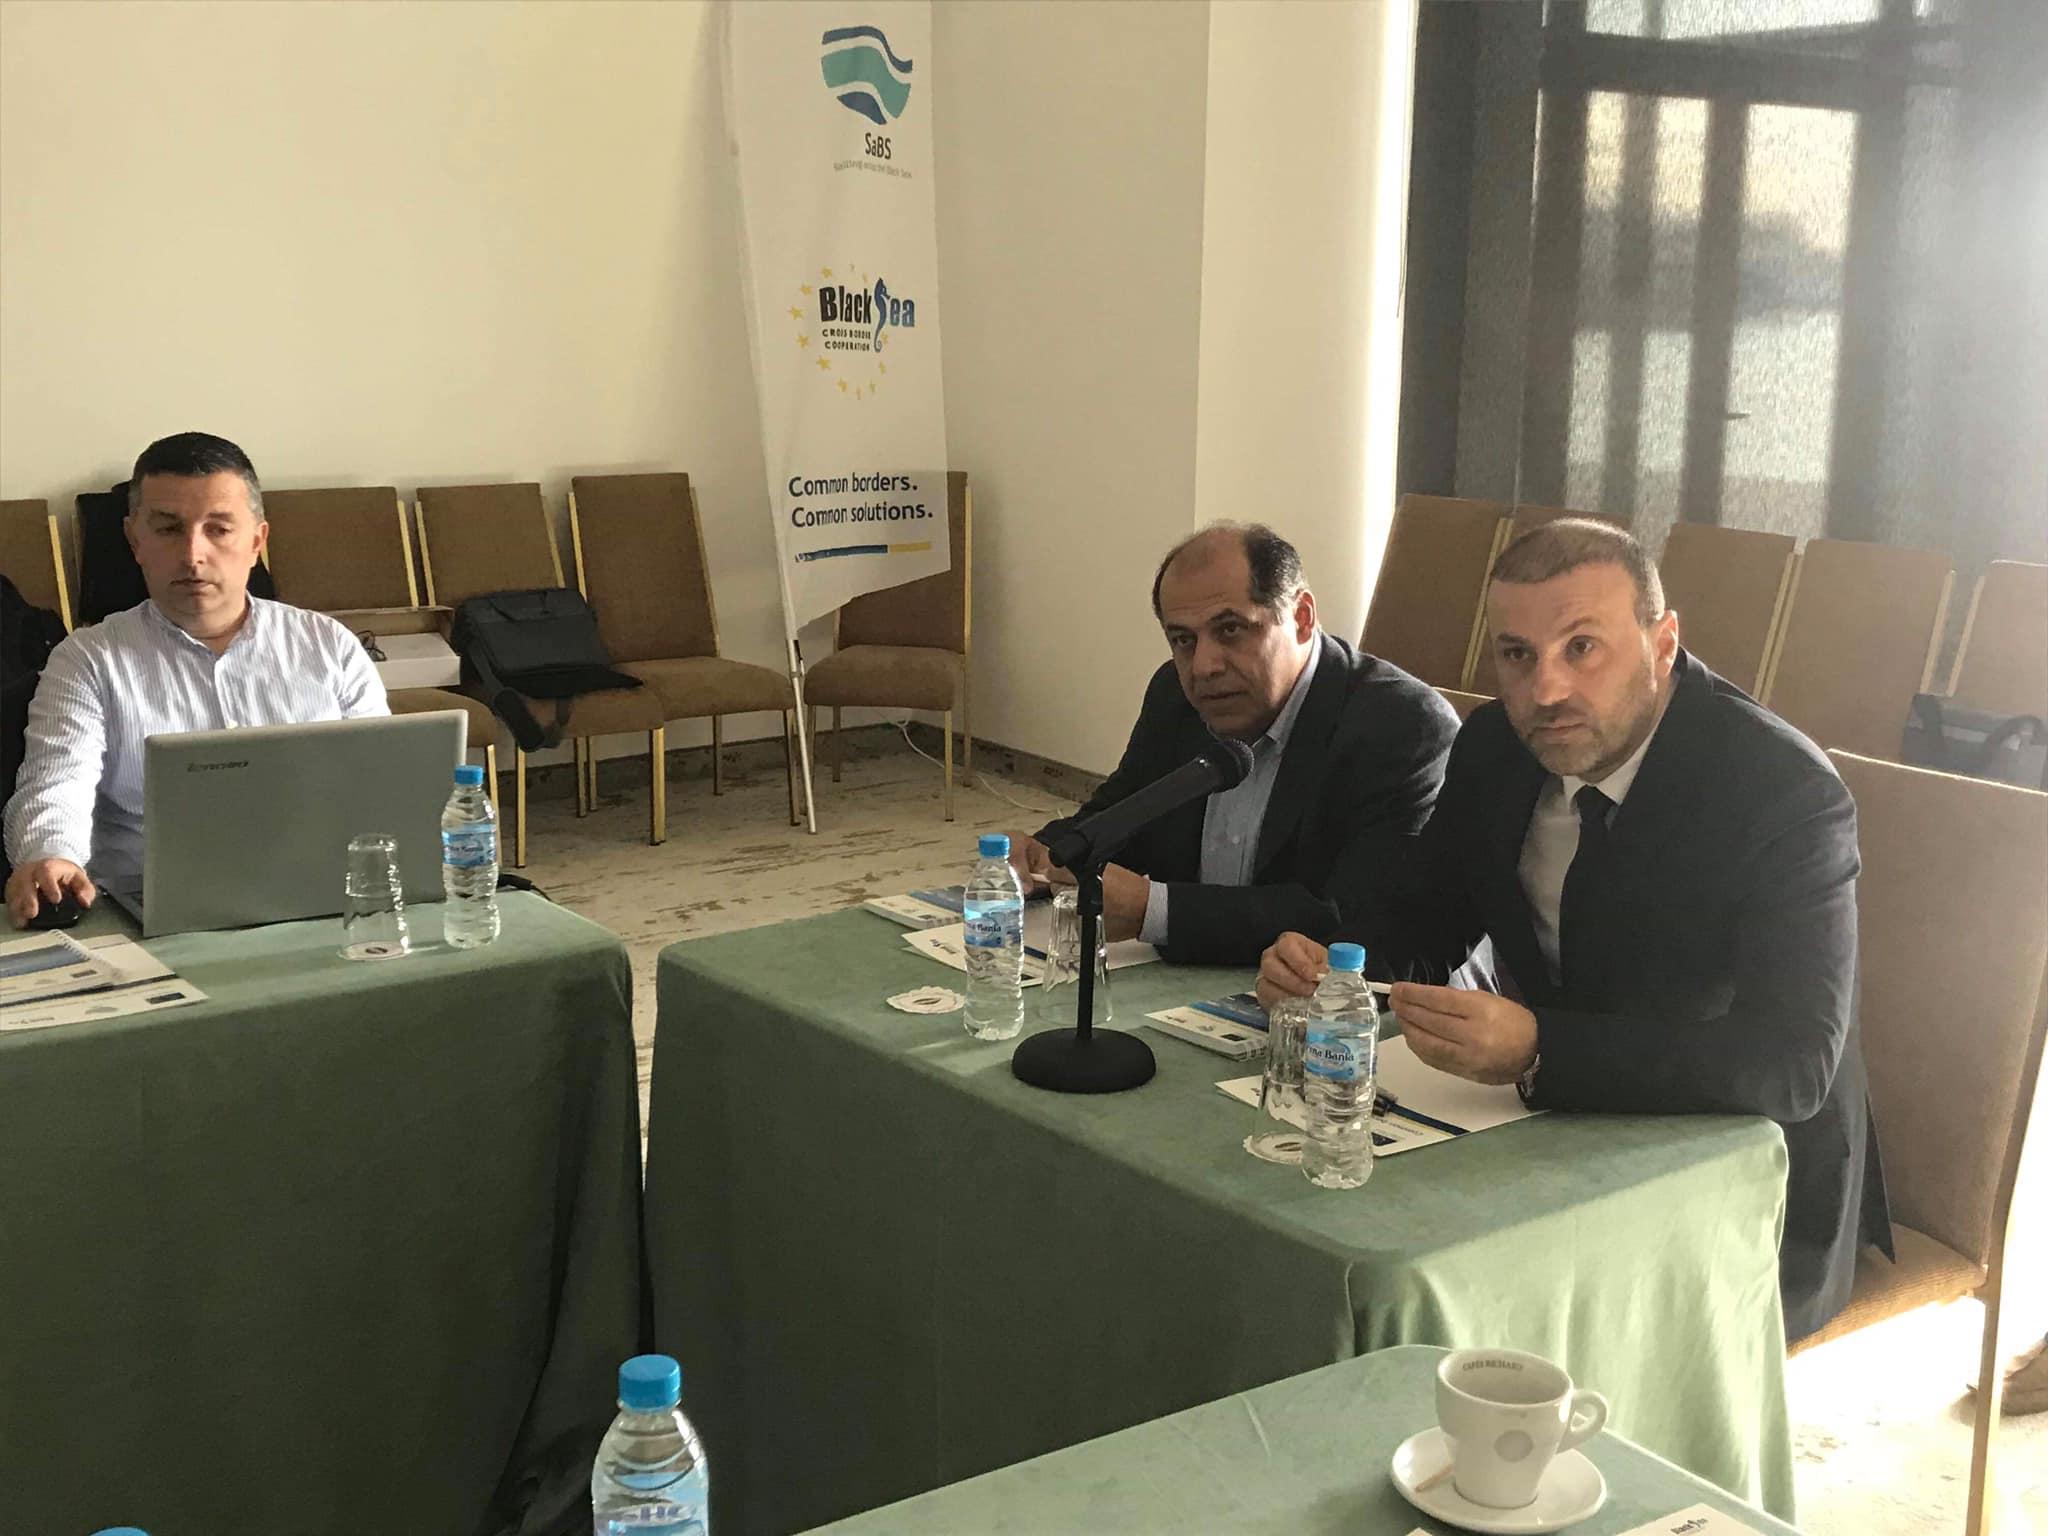 Επίσκεψη της Διοίκησης του Ο.Λ.Α. στο Burgas της Βουλγαρίας